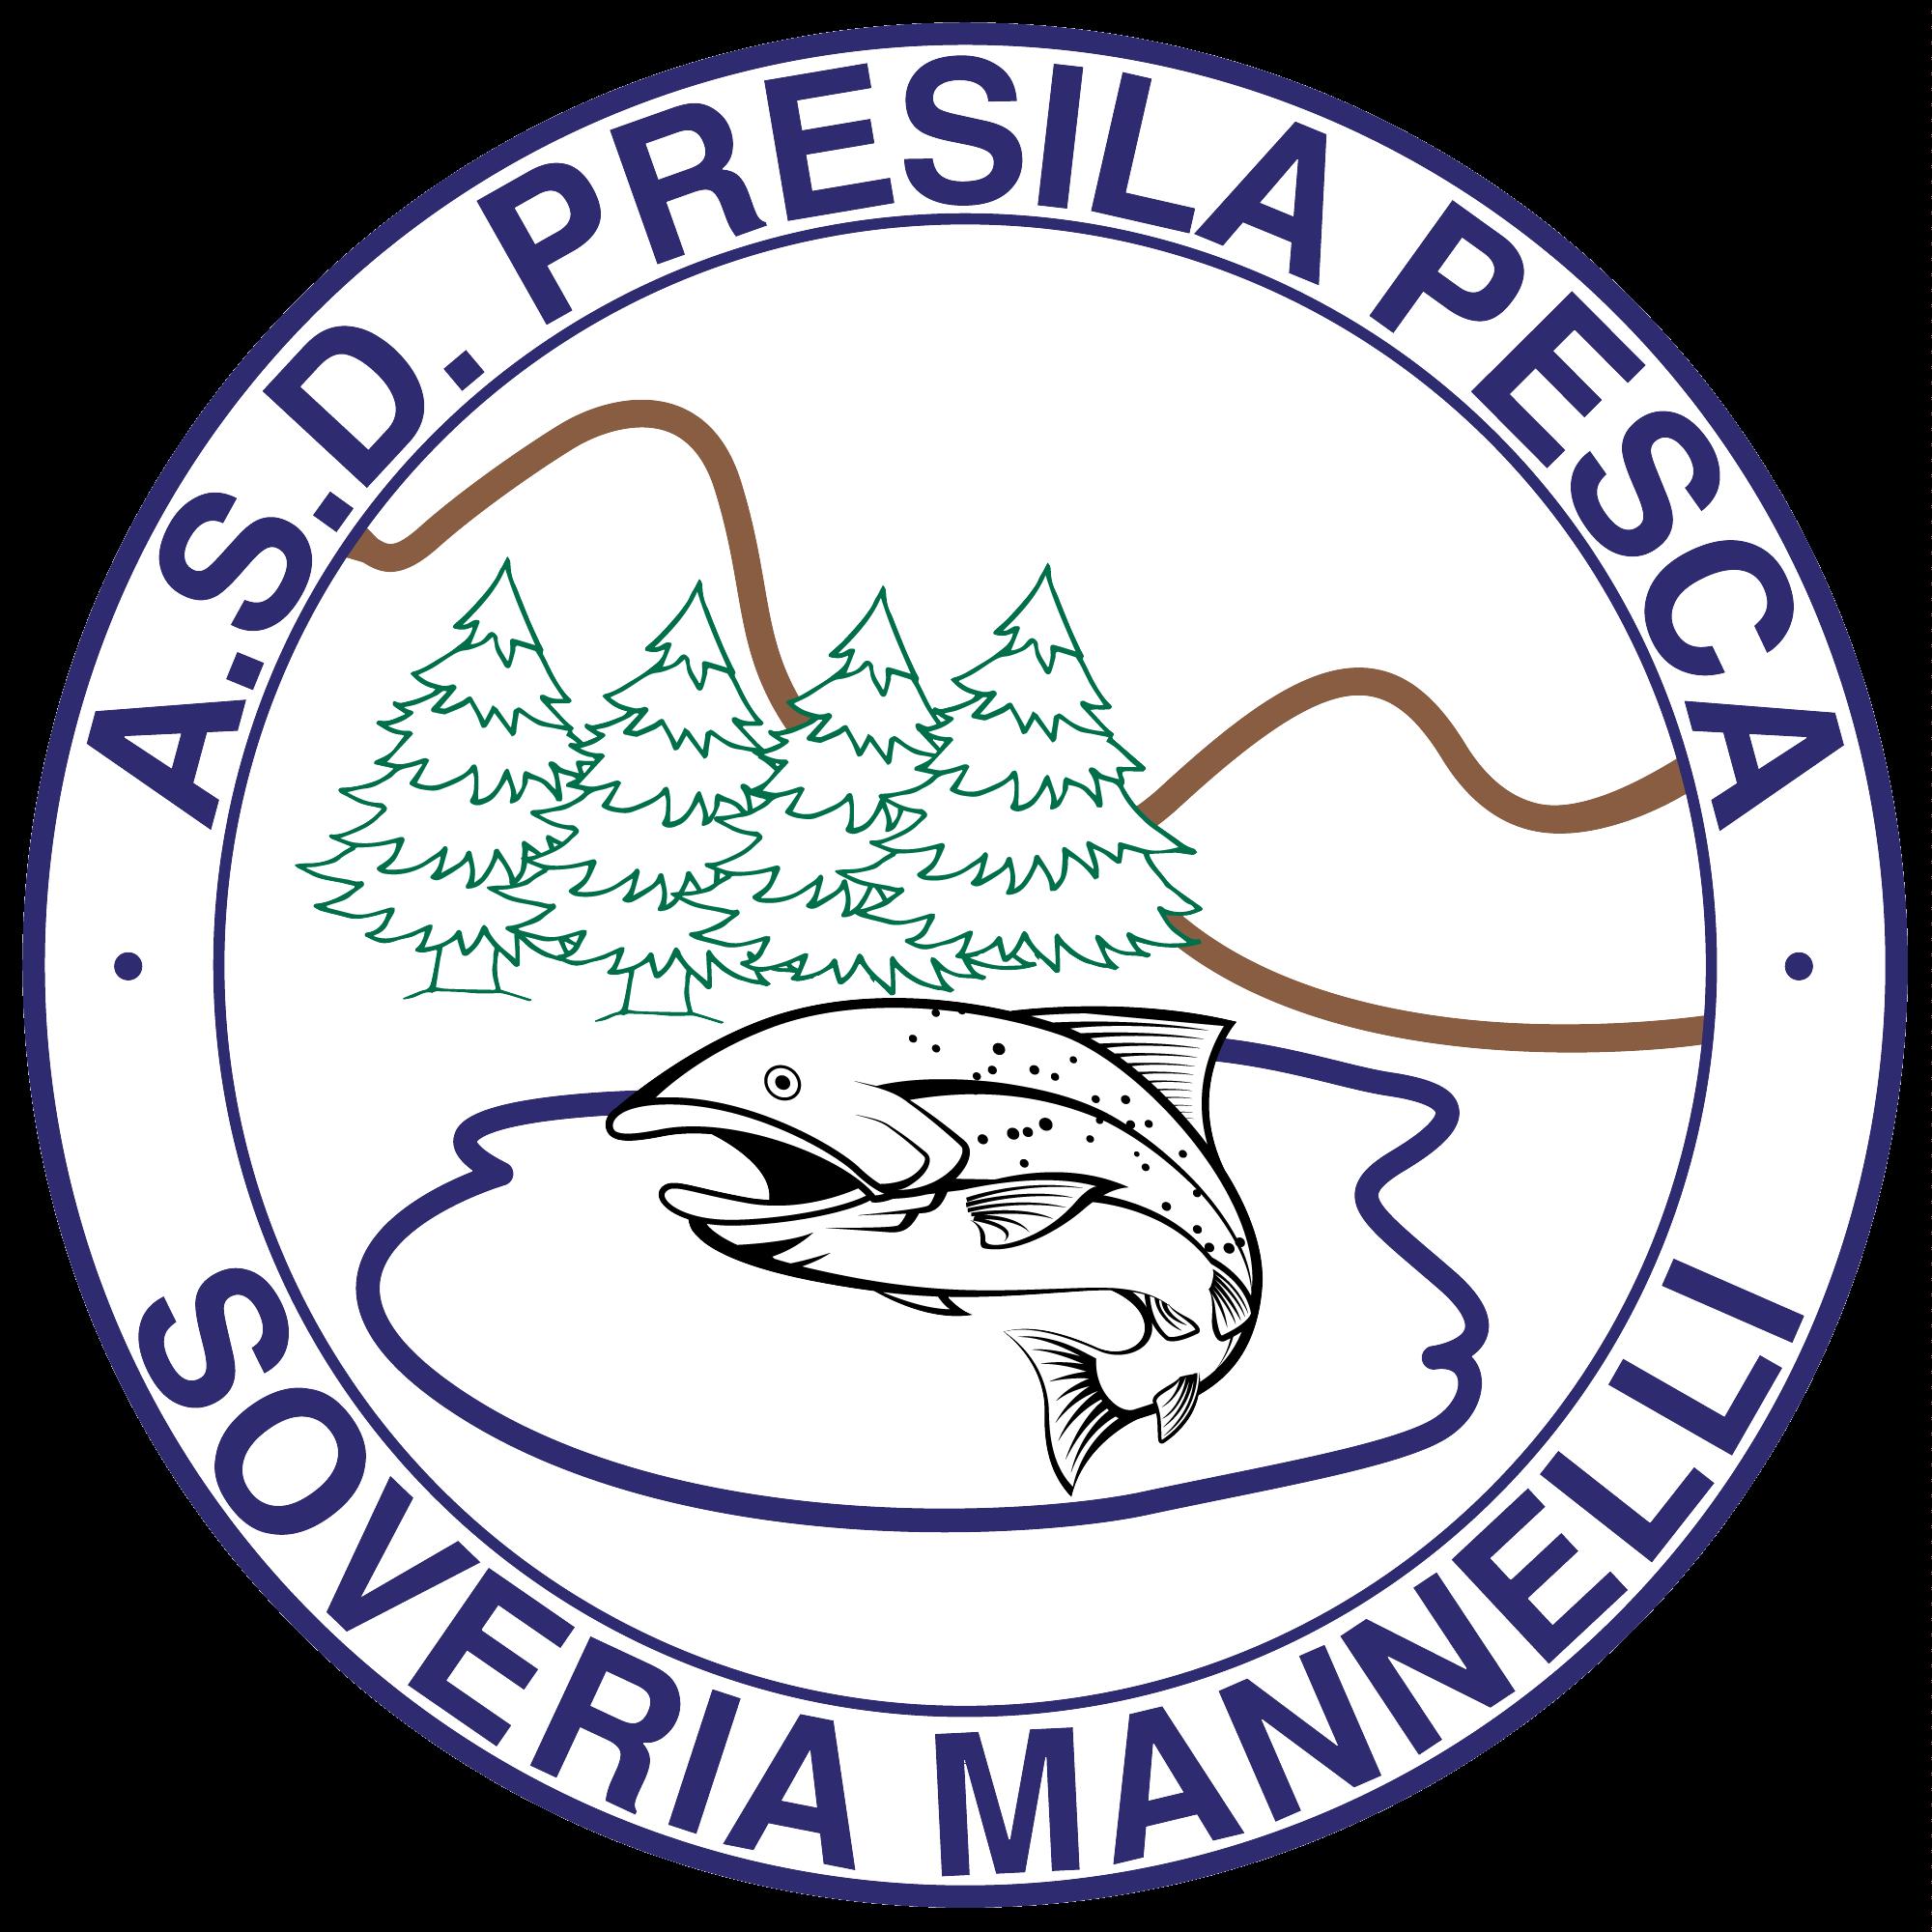 logo-ASD-Presila-pesca_2015_v10-[Convertito]